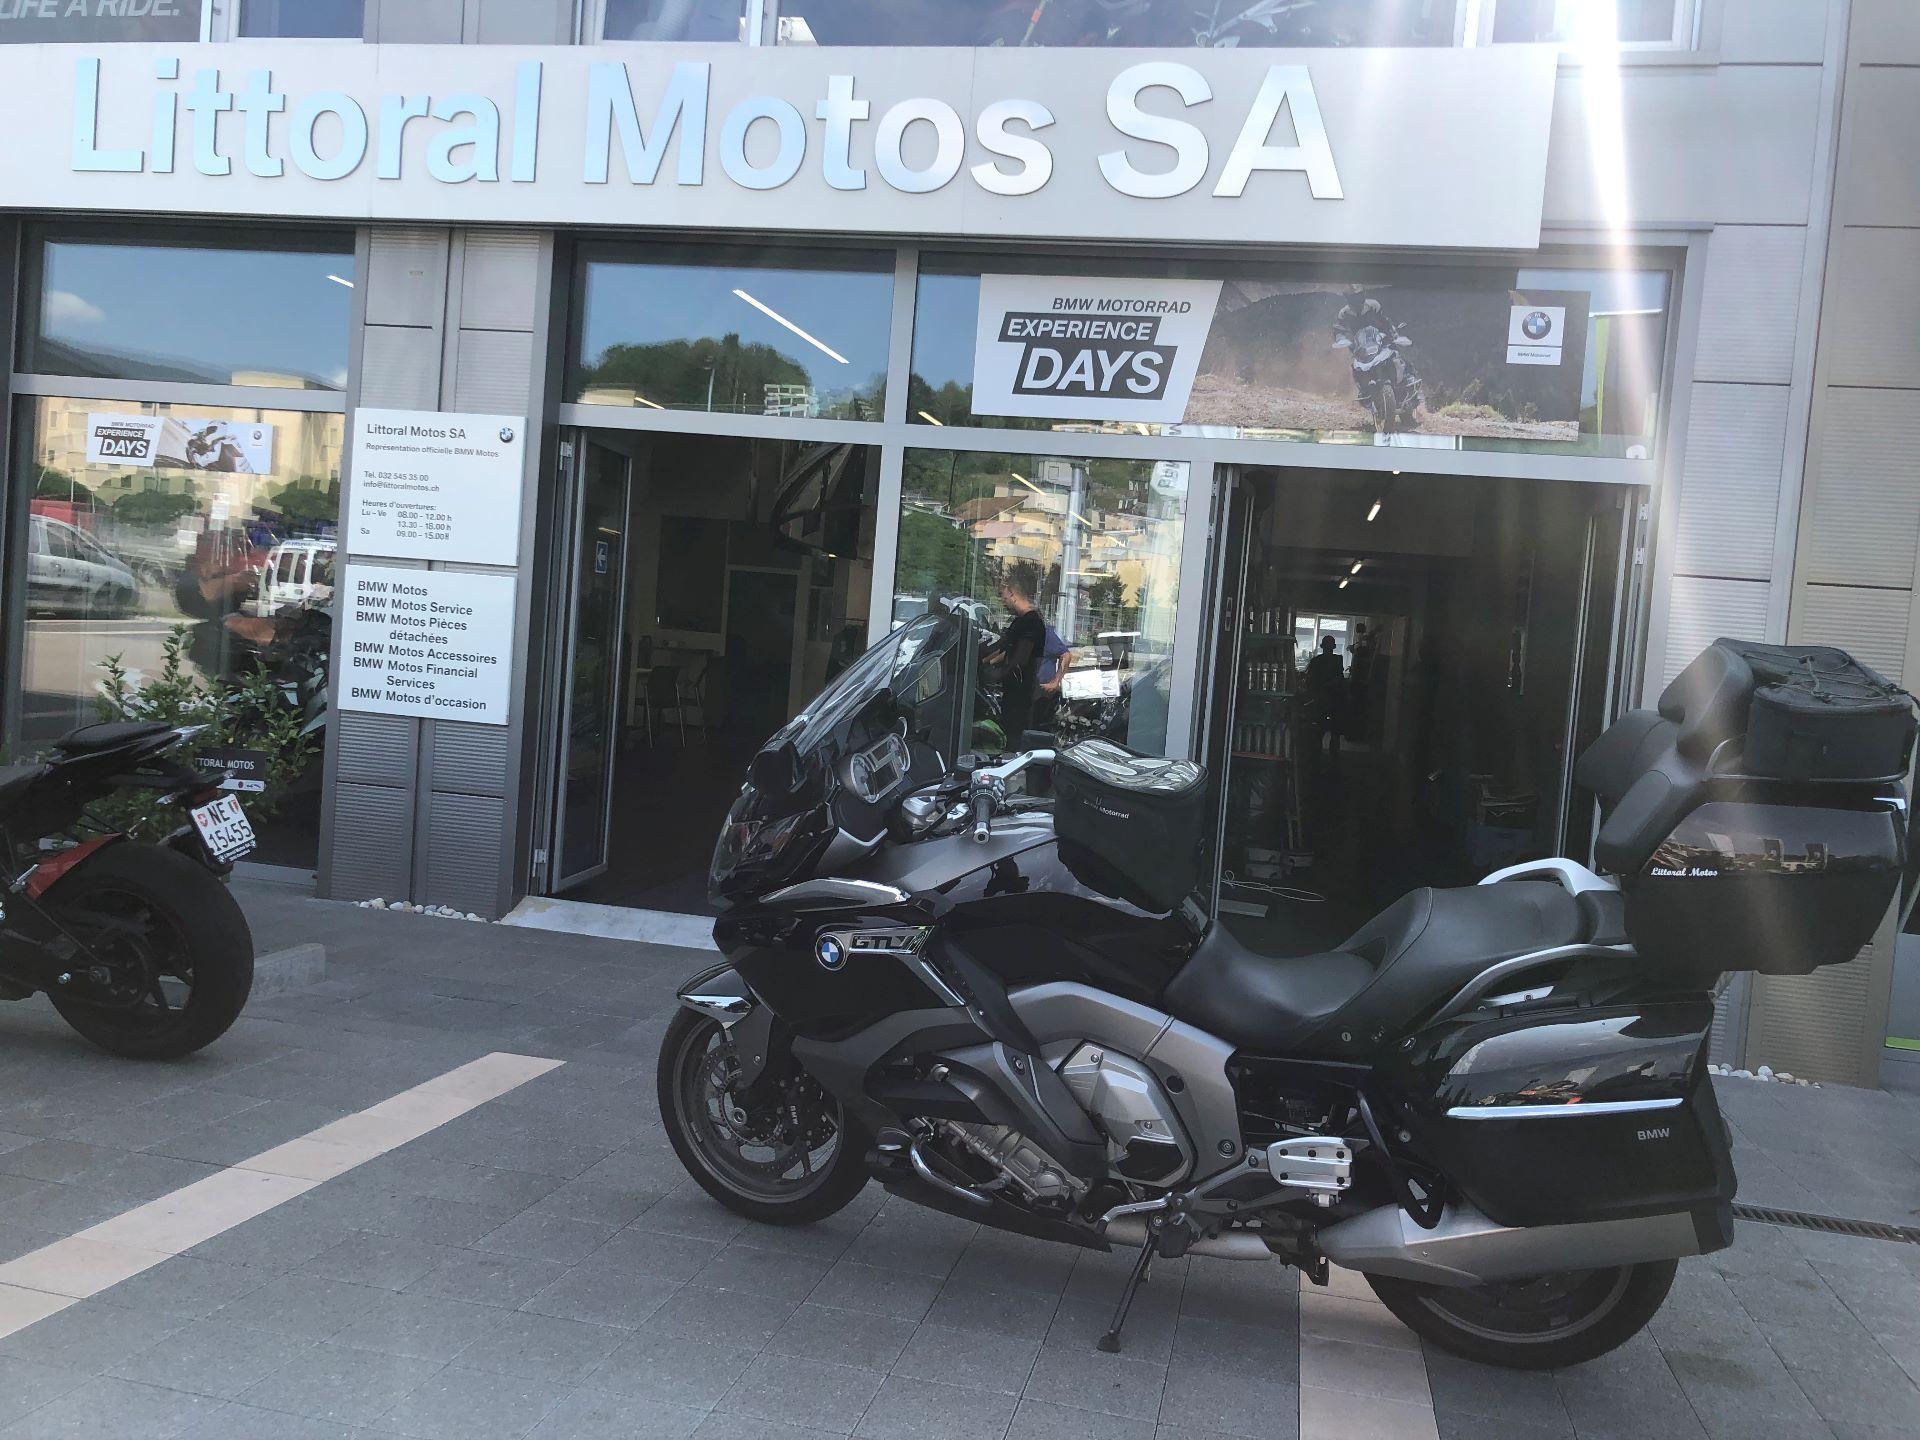 Motorrad Occasion kaufen BMW K 1600 GTL ABS Littoral Motos